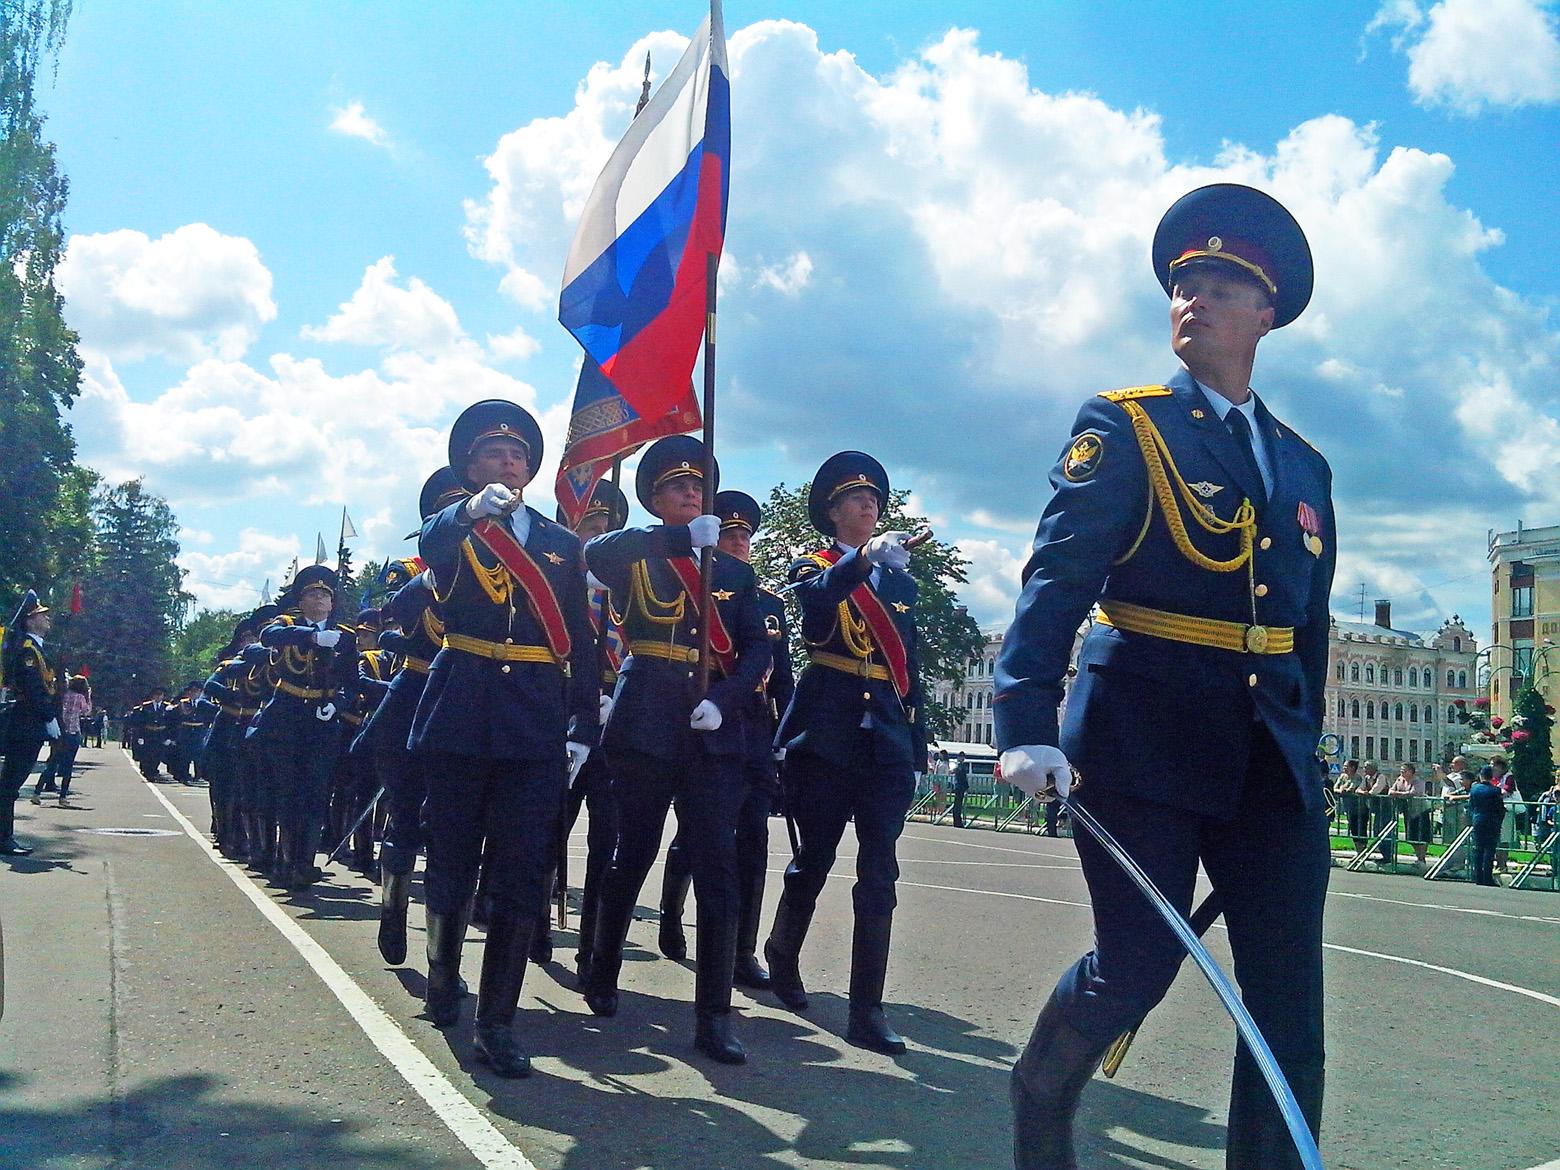 Выпускникам ВИПЭ вручили дипломы под звуки оркестровых маршей в центре Вологды